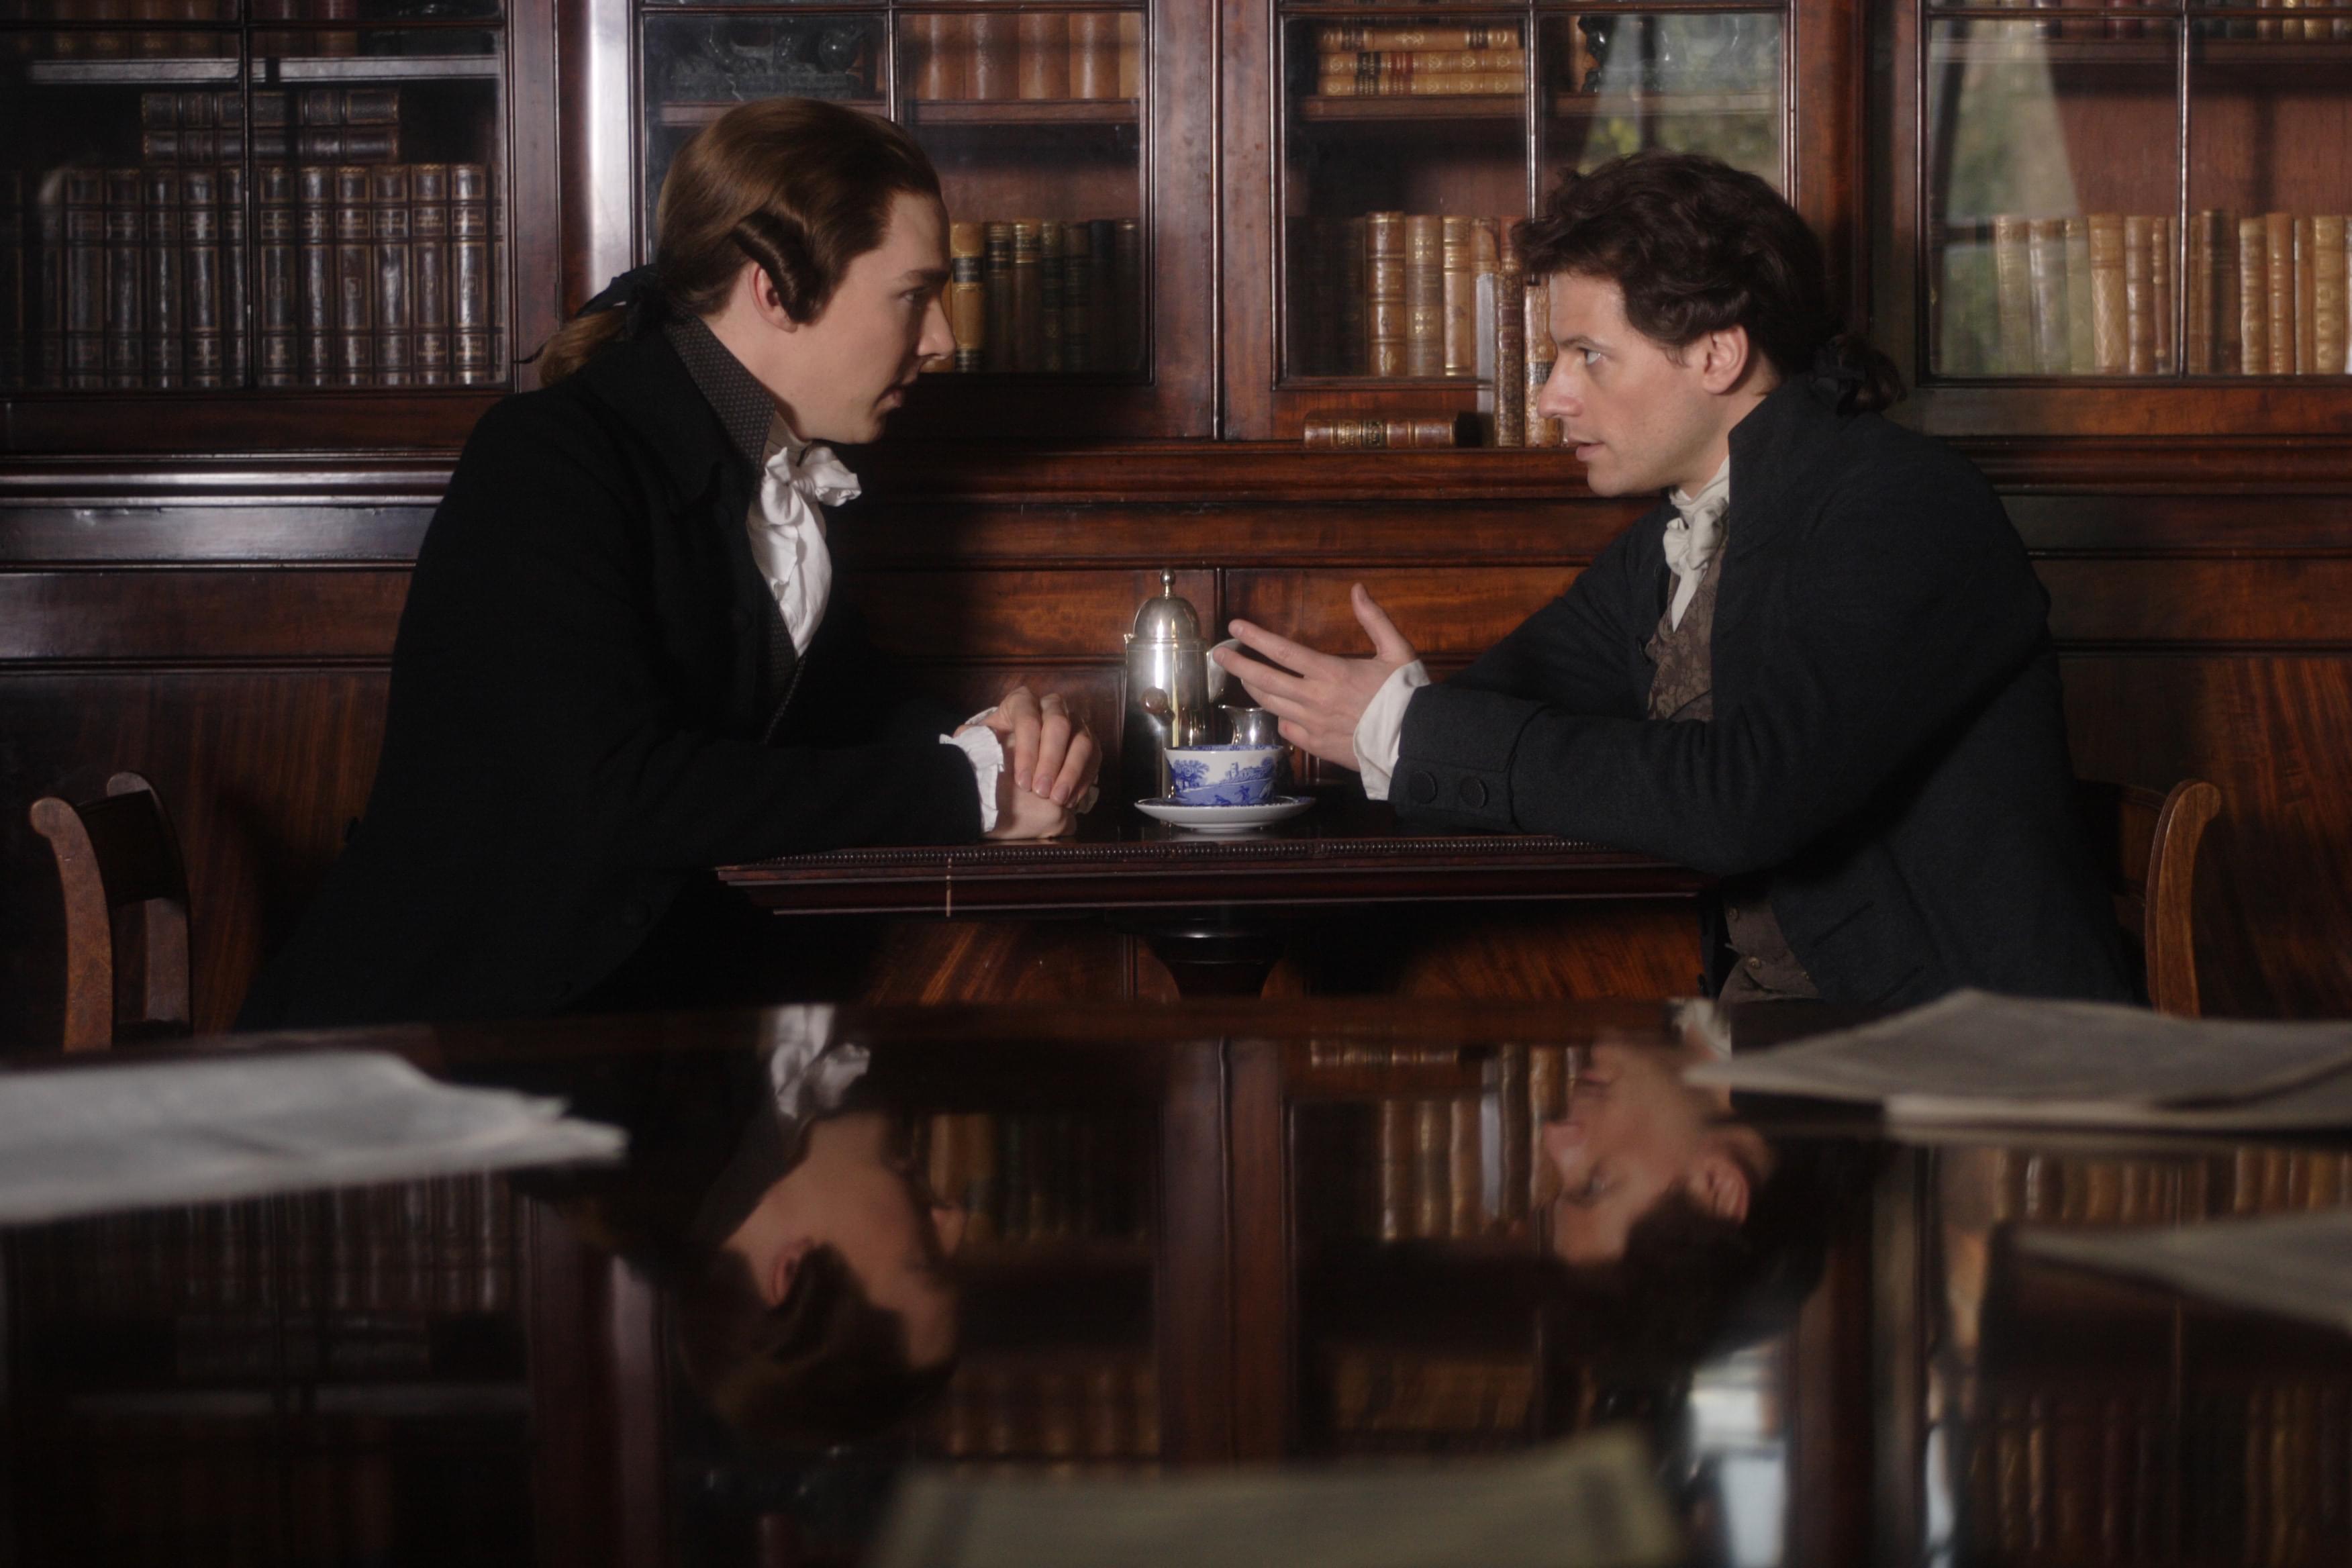 2006年的同名英国电影《奇异的恩典》讲的就是这段故事,本尼迪克特·康巴贝奇和艾恩·格拉法德在其中分别饰演小威廉·皮特、威廉·威伯福斯。/影片官方剧照